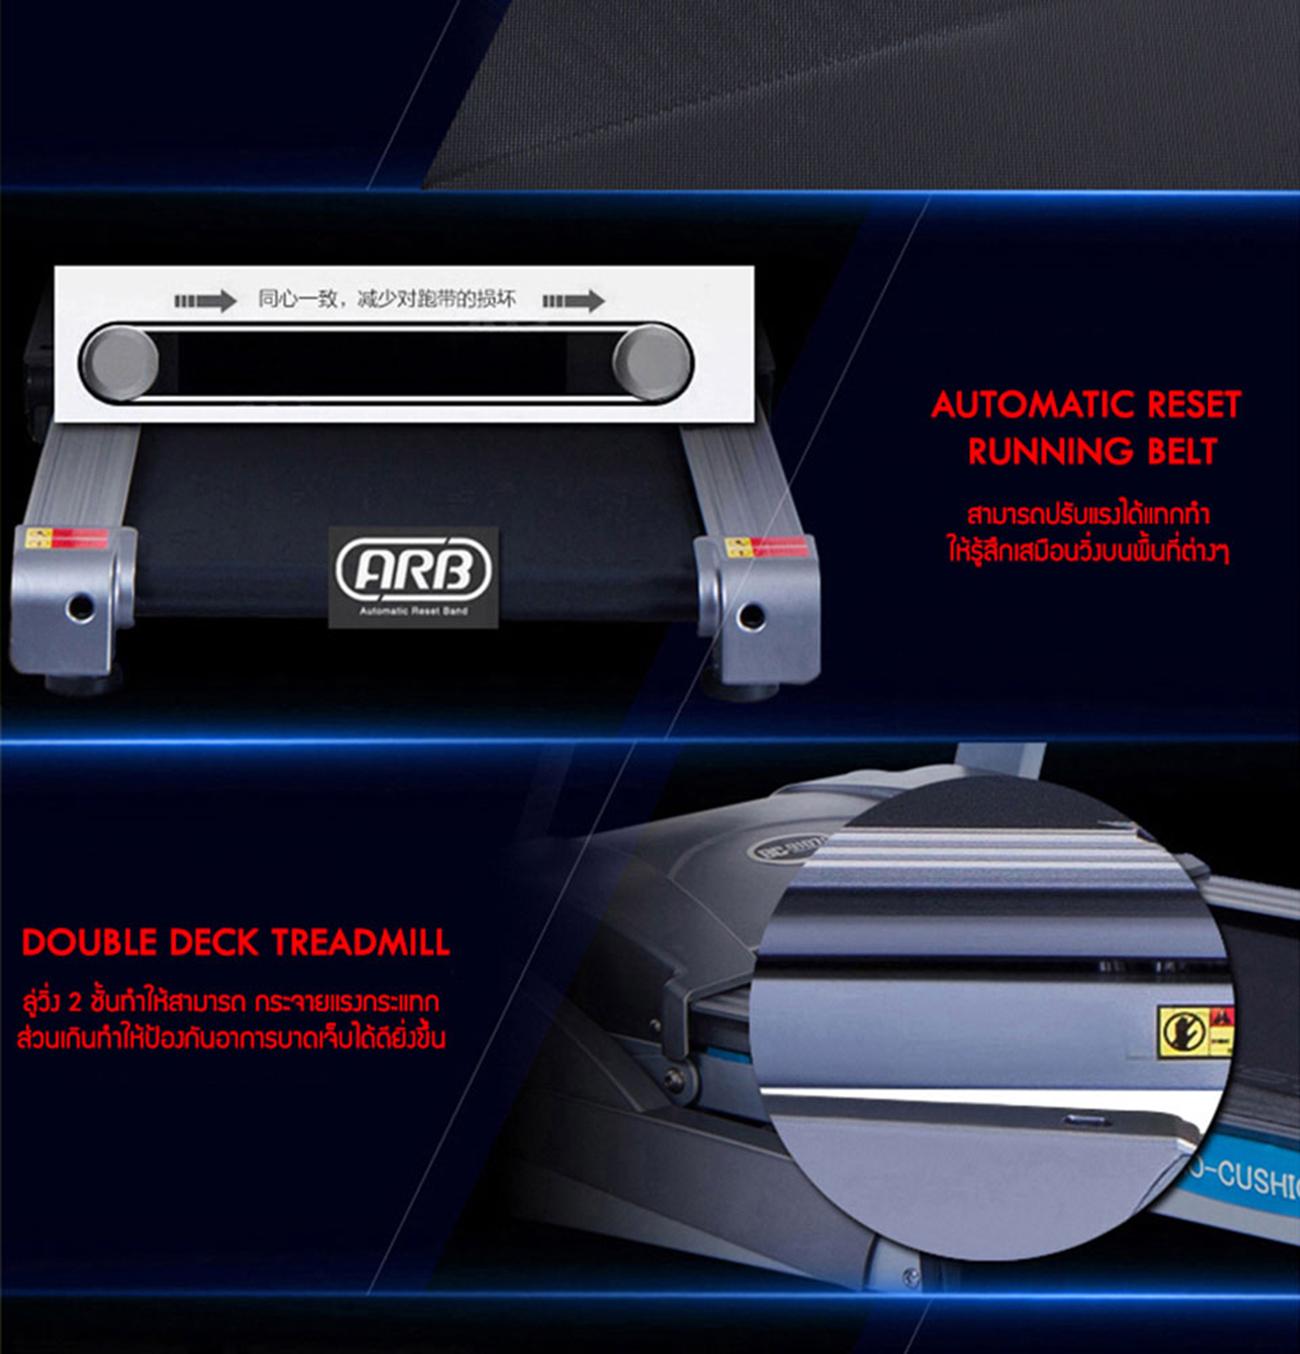 ลู่วิ่งไฟฟ้า 360องศา ฟิตเนส รุ่น X4 - 4.0 CHP motor